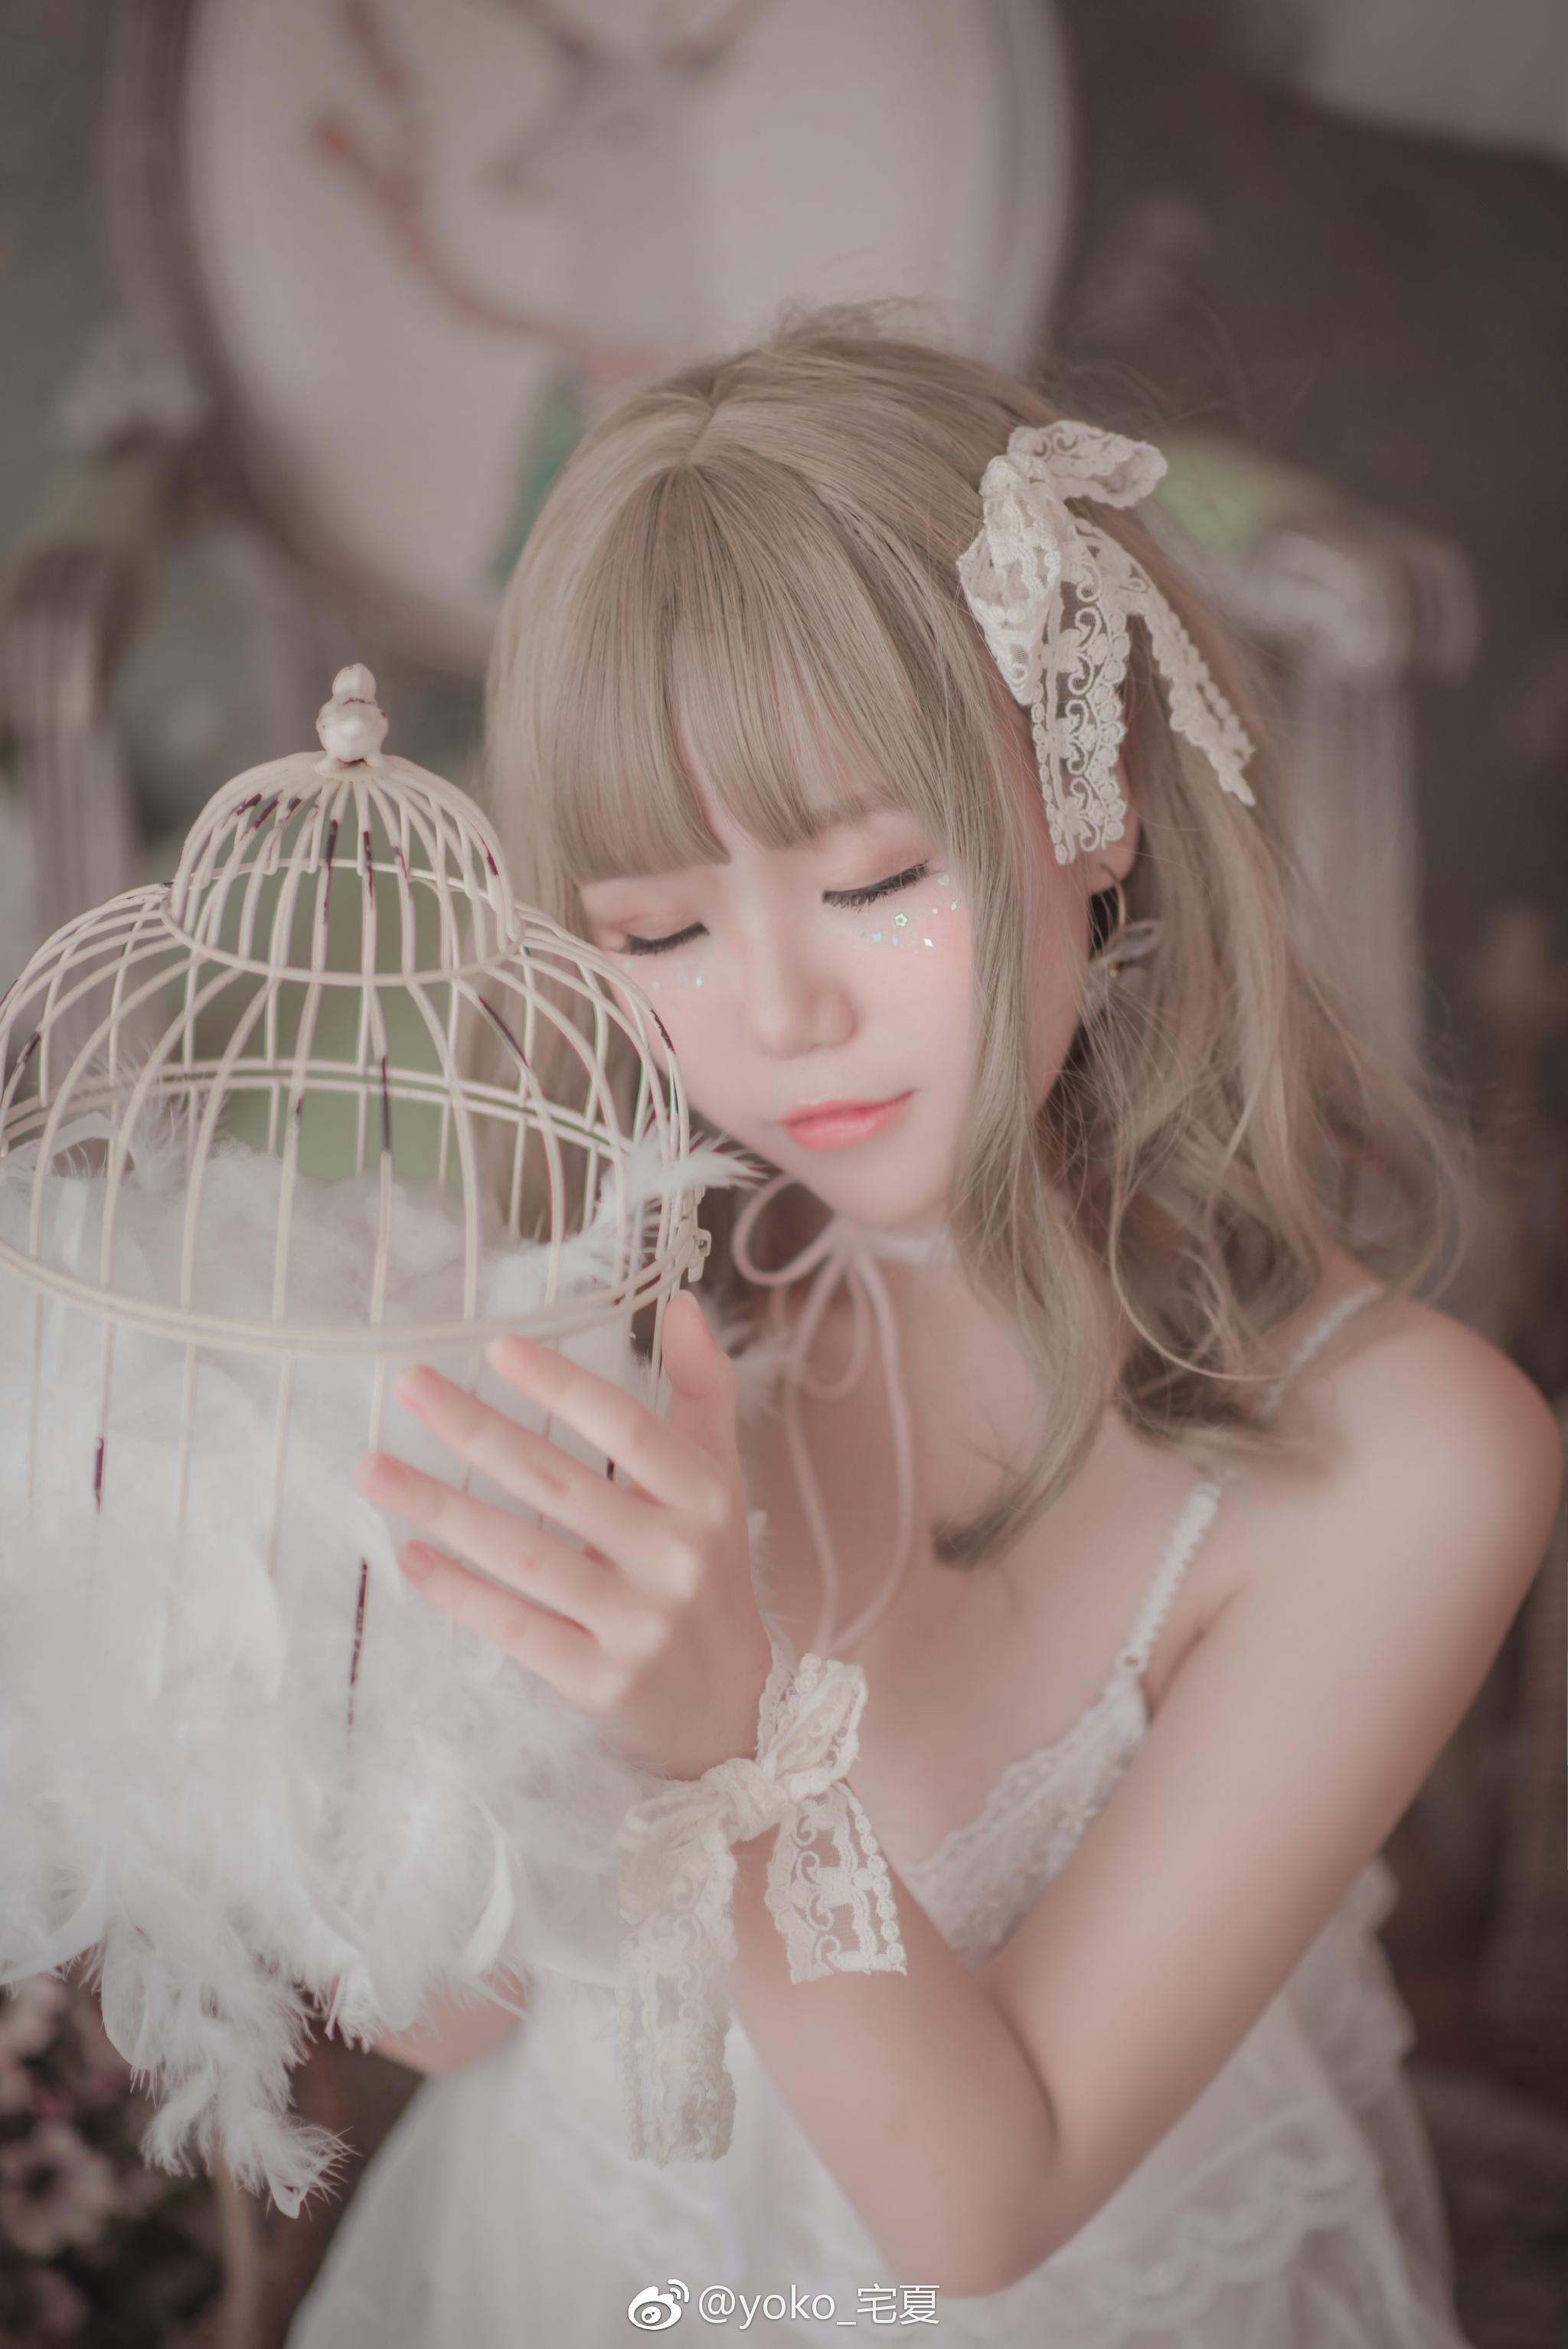 我想要一个这样的仙女!